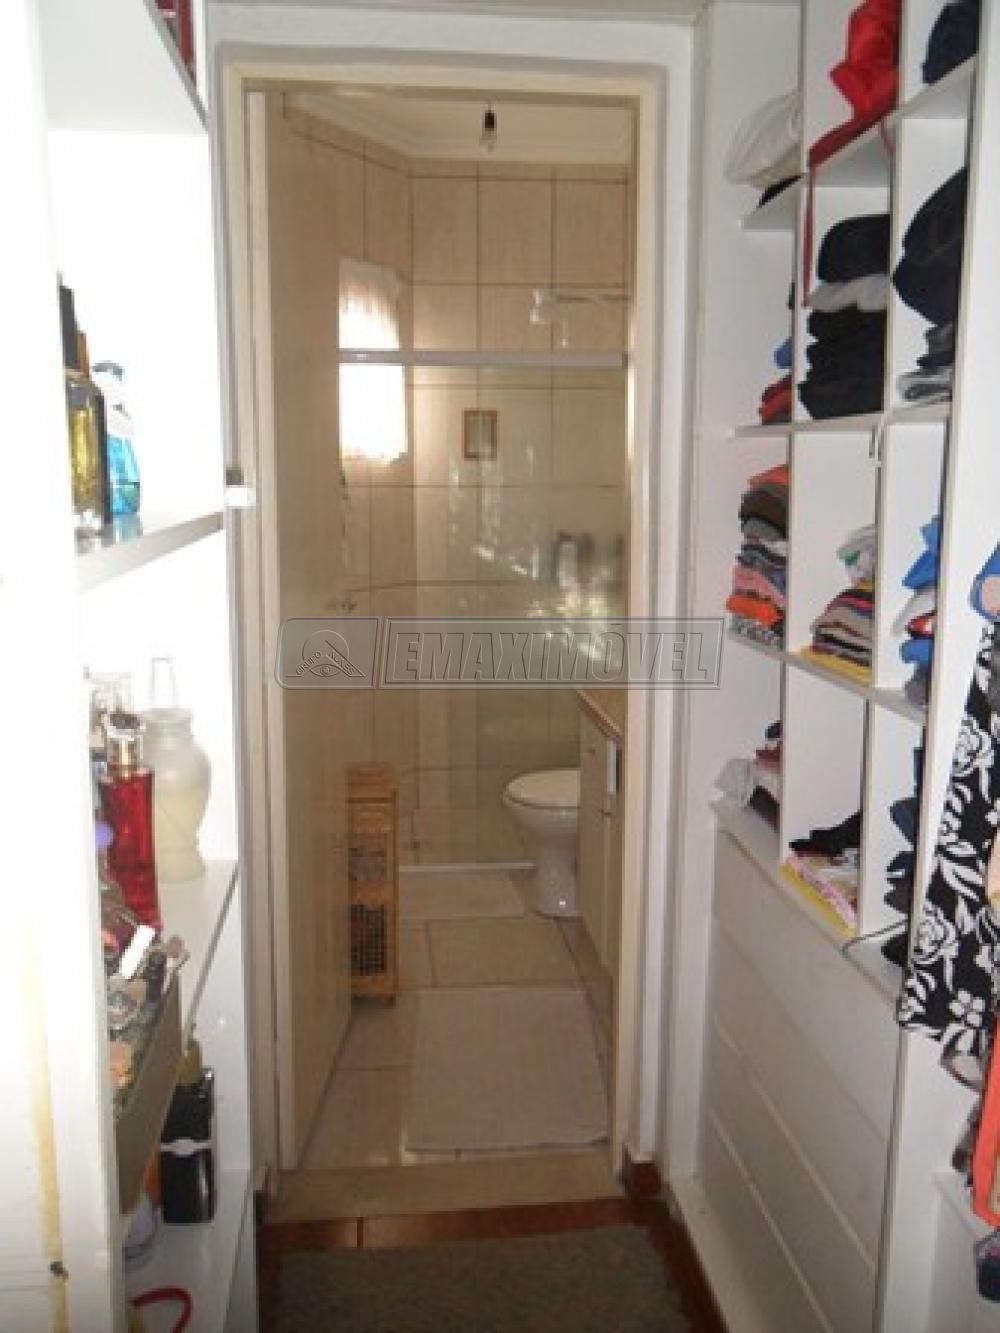 Comprar Casas / em Bairros em Sorocaba apenas R$ 260.000,00 - Foto 25